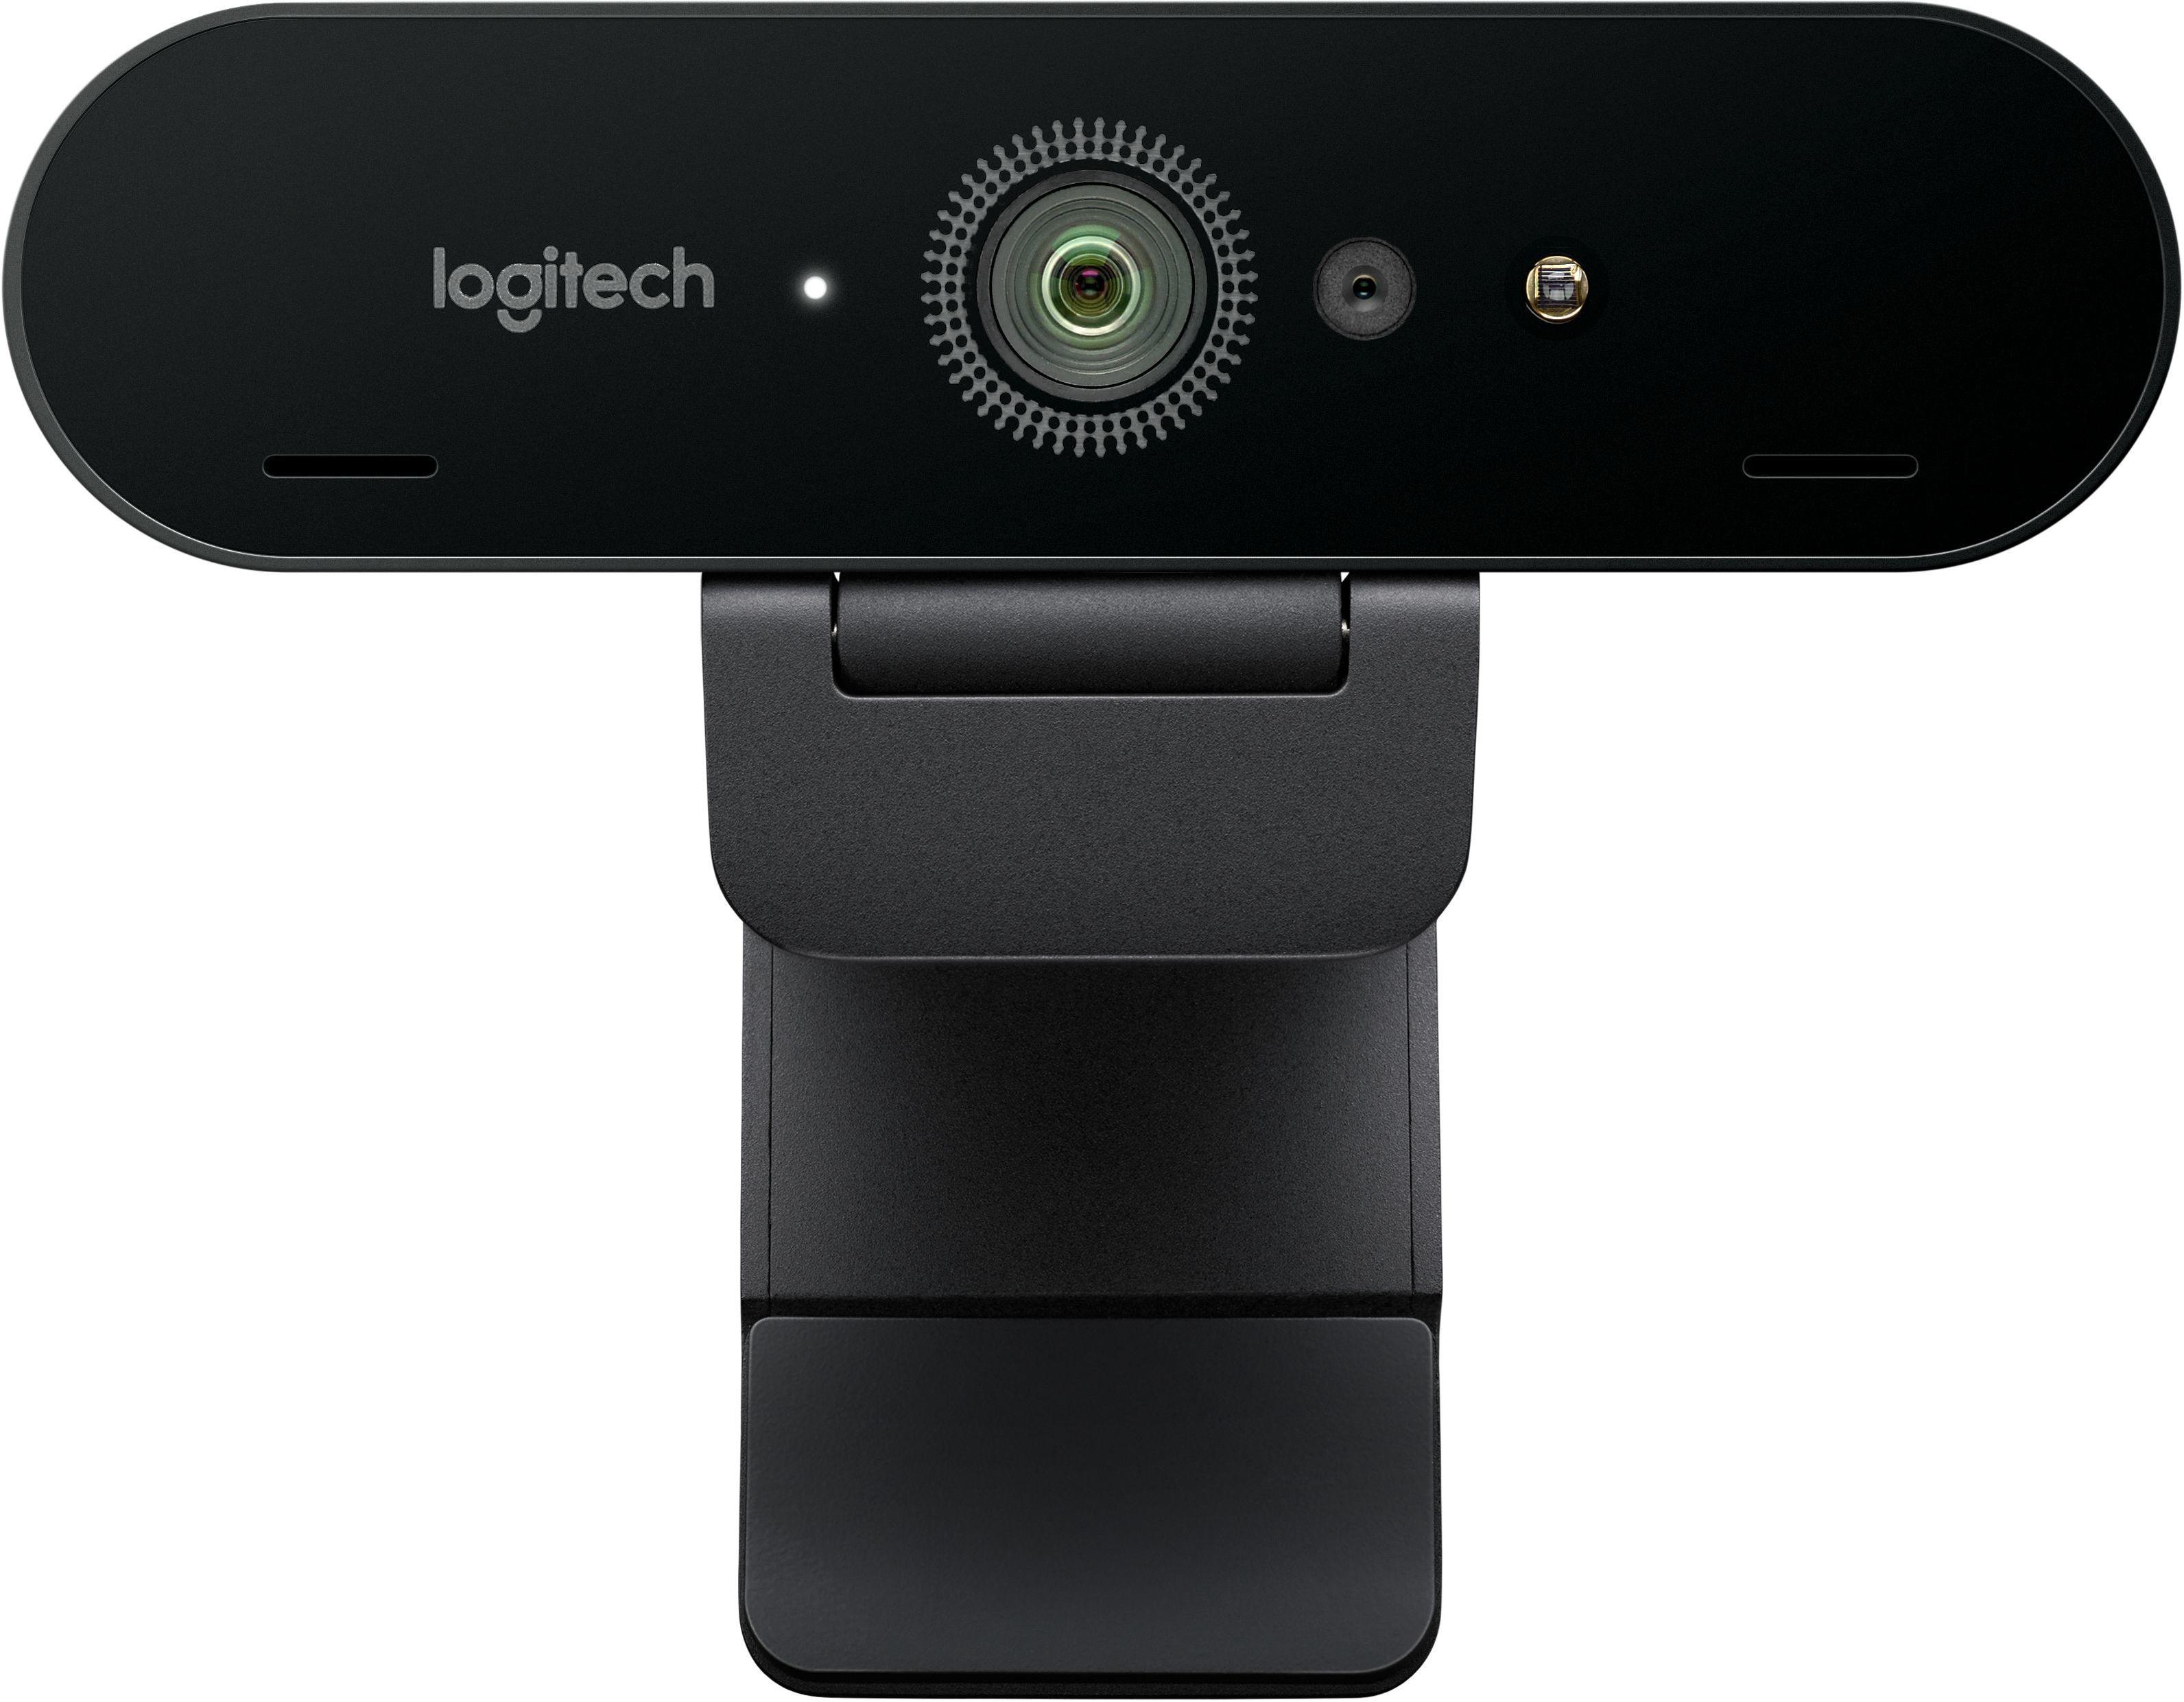 Logitech BRIO kamera internetowa 4096 x 2160 pixels USB 3.0 Black